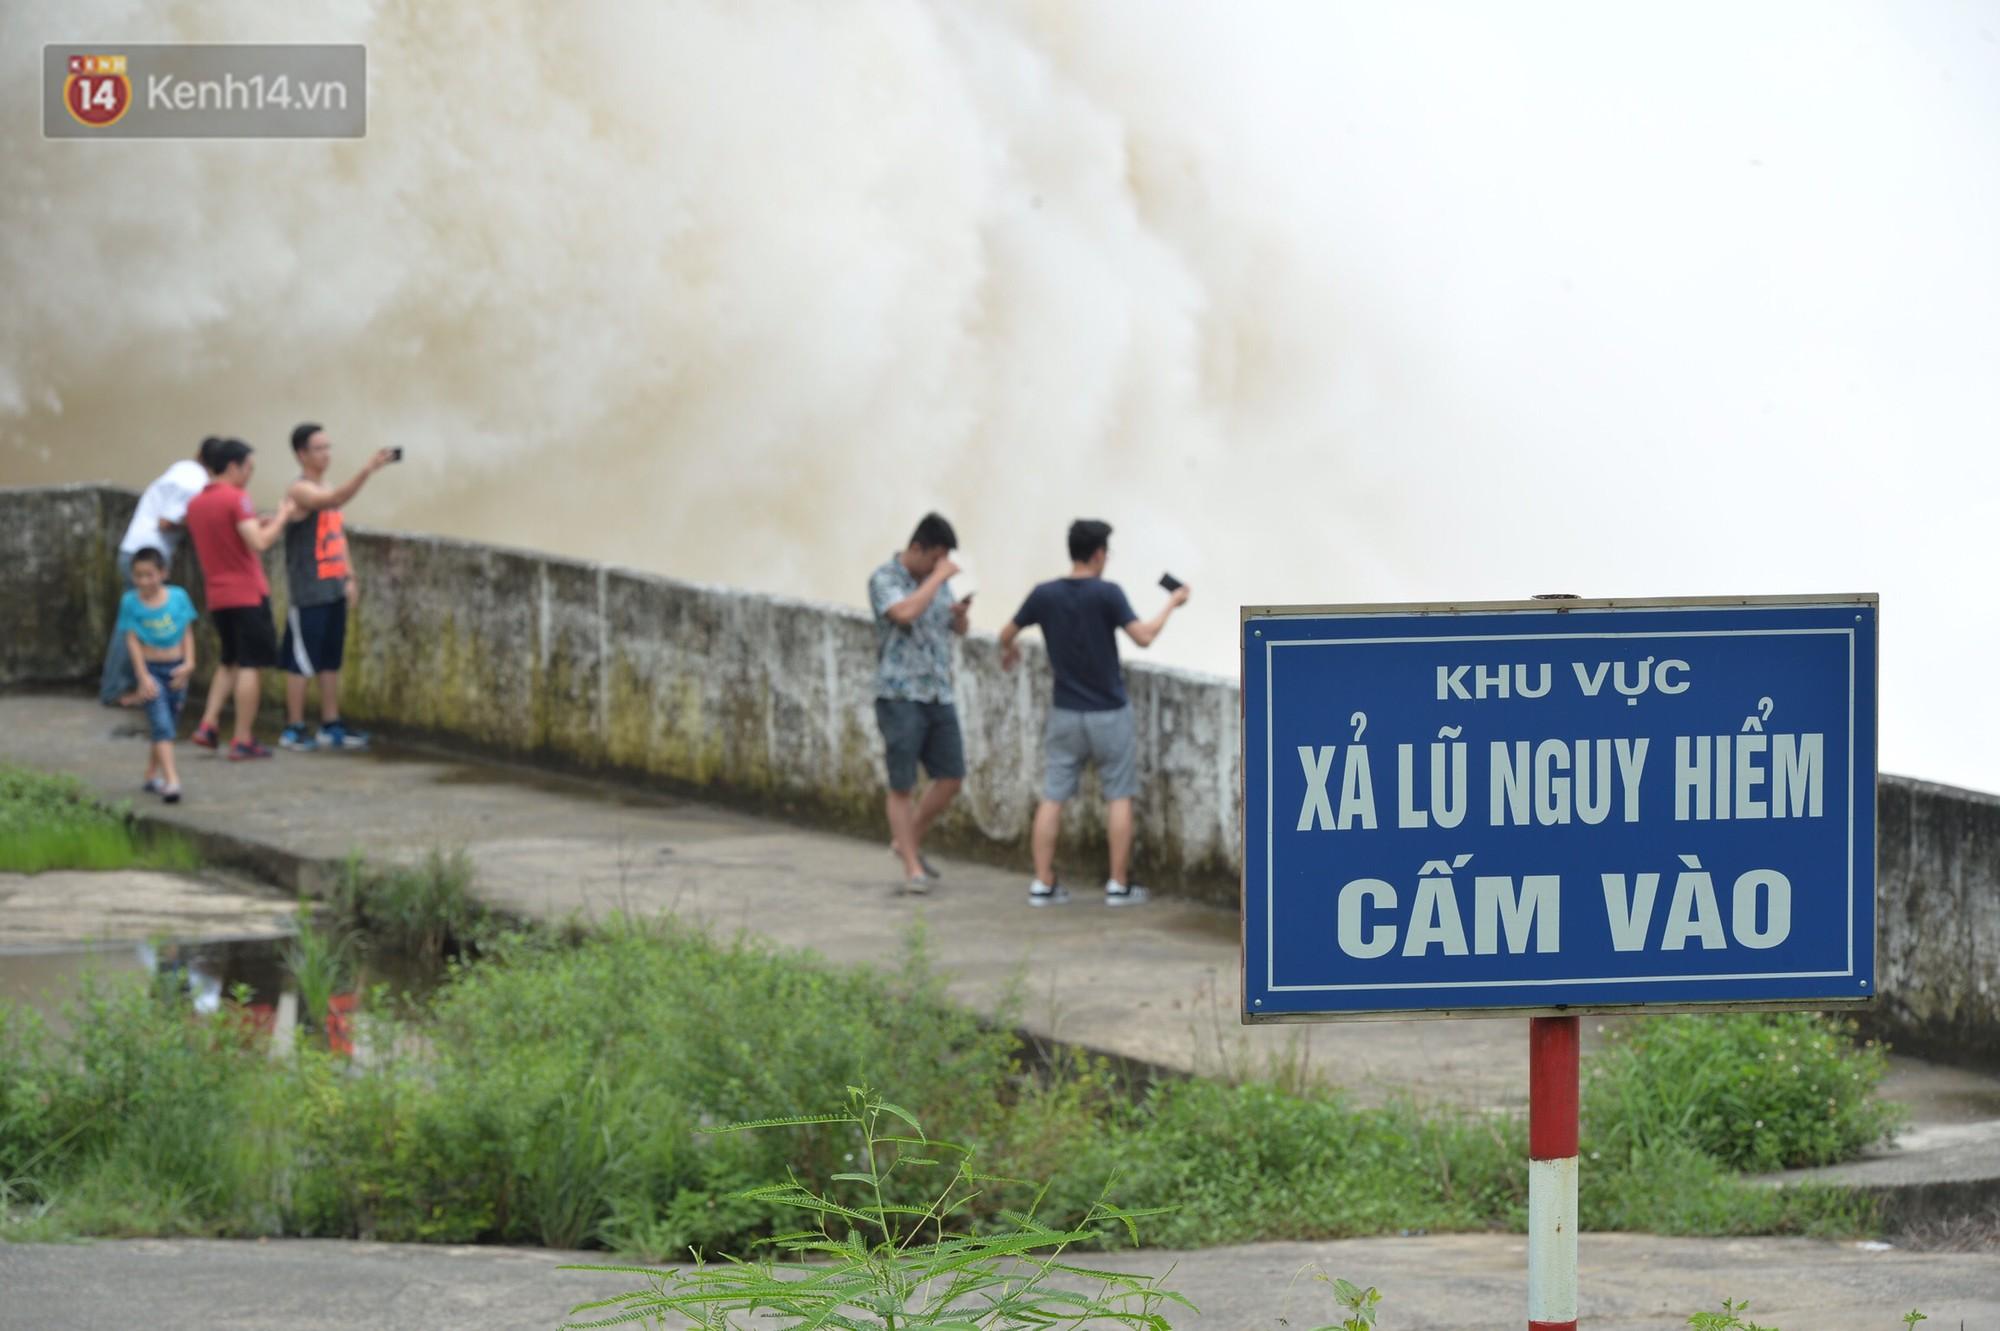 Người dân bất chấp nguy hiểm, kéo đến chụp ảnh thủy điện Hòa Bình xả lũ 3